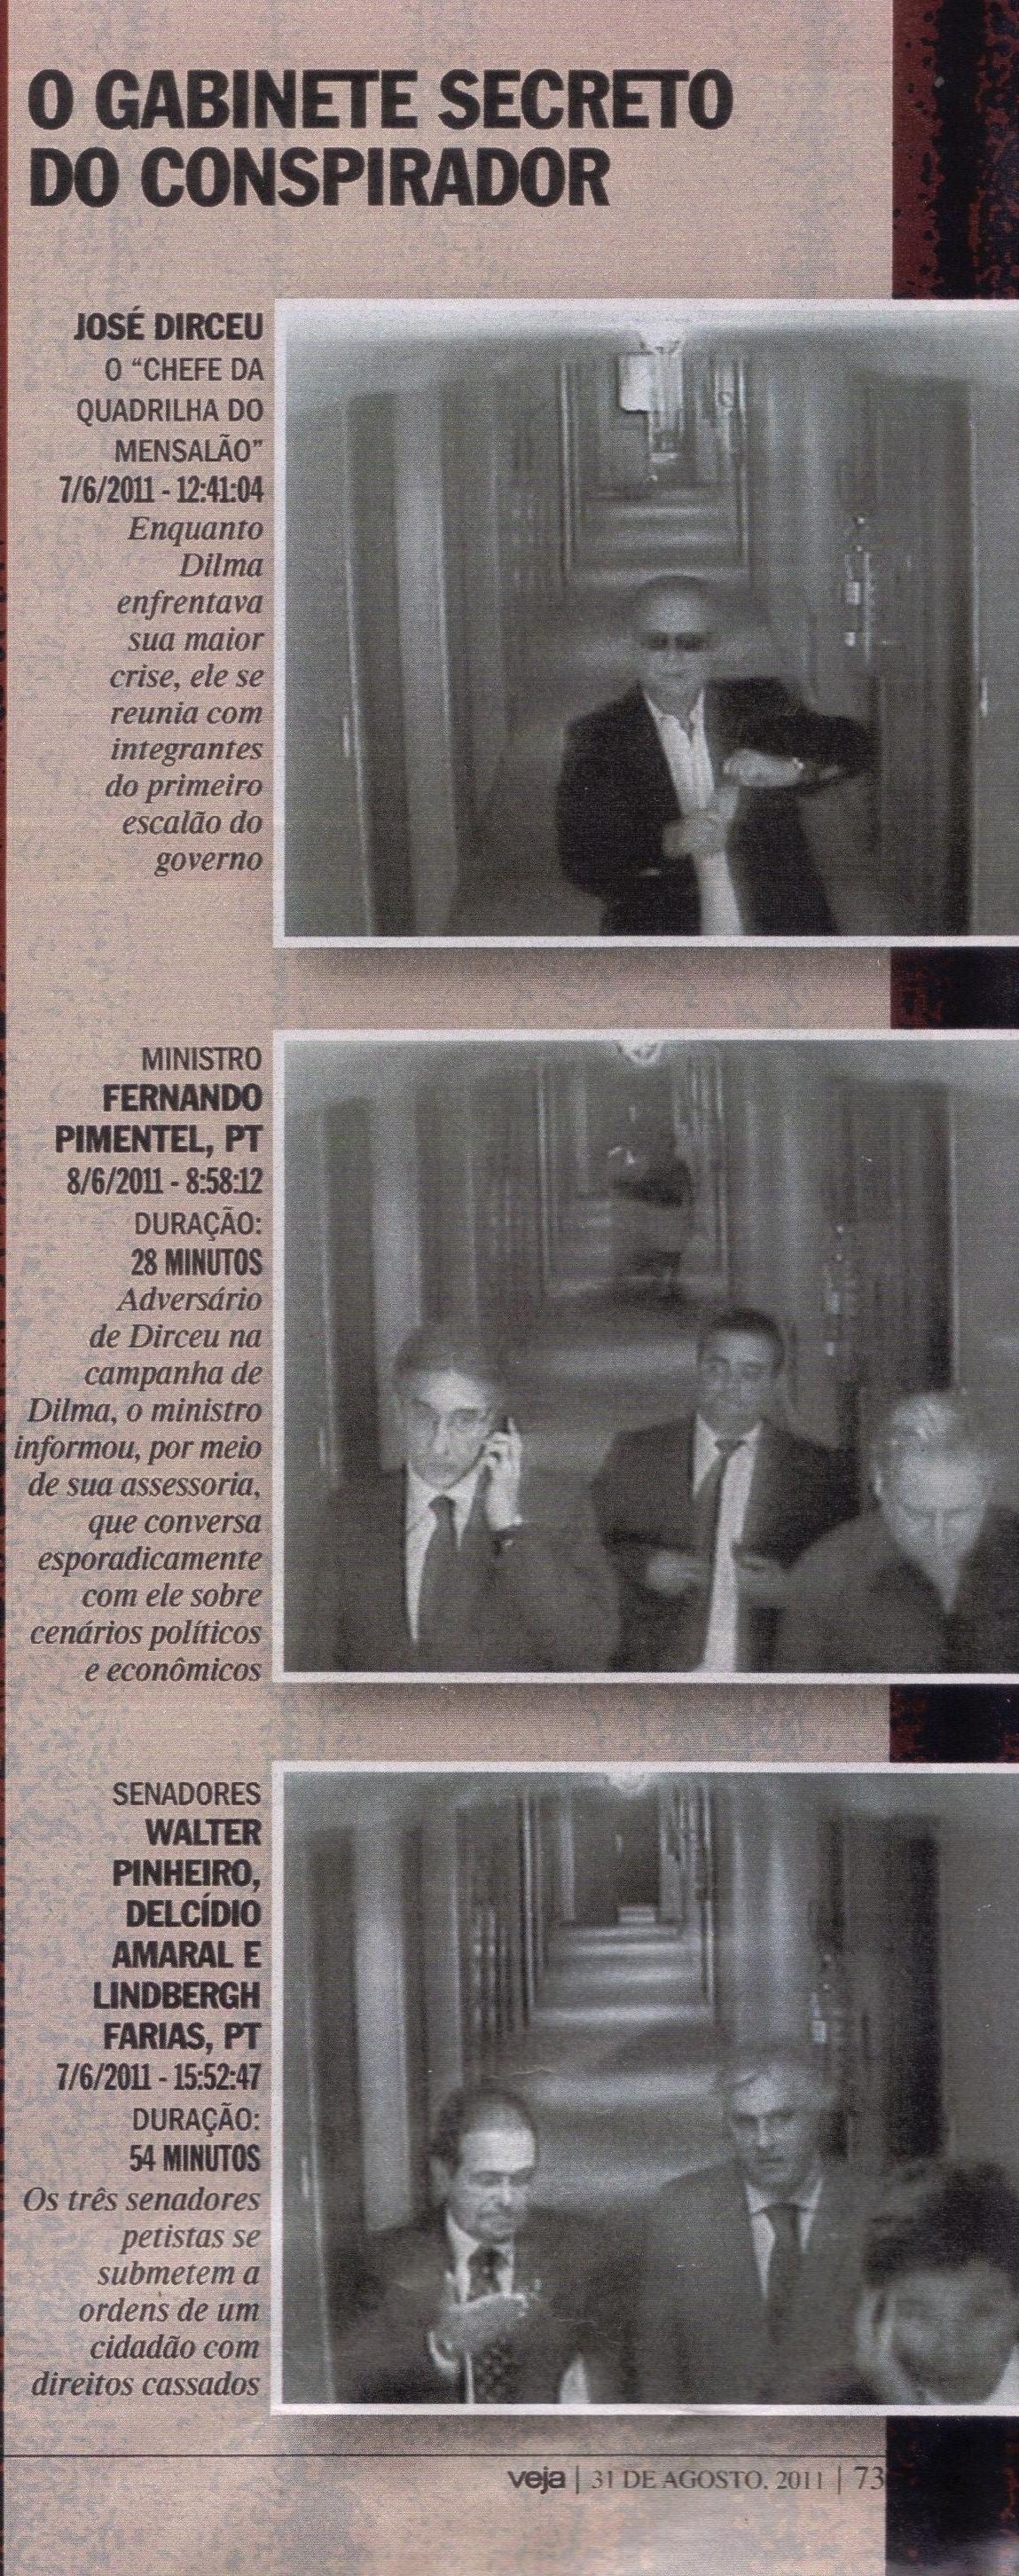 Dirceu chegando ao bunker. Pimentel e os senadores Walter Pinheiro, Delcídio Amaral e Lindbergh Farias: operação derruba-Palocci